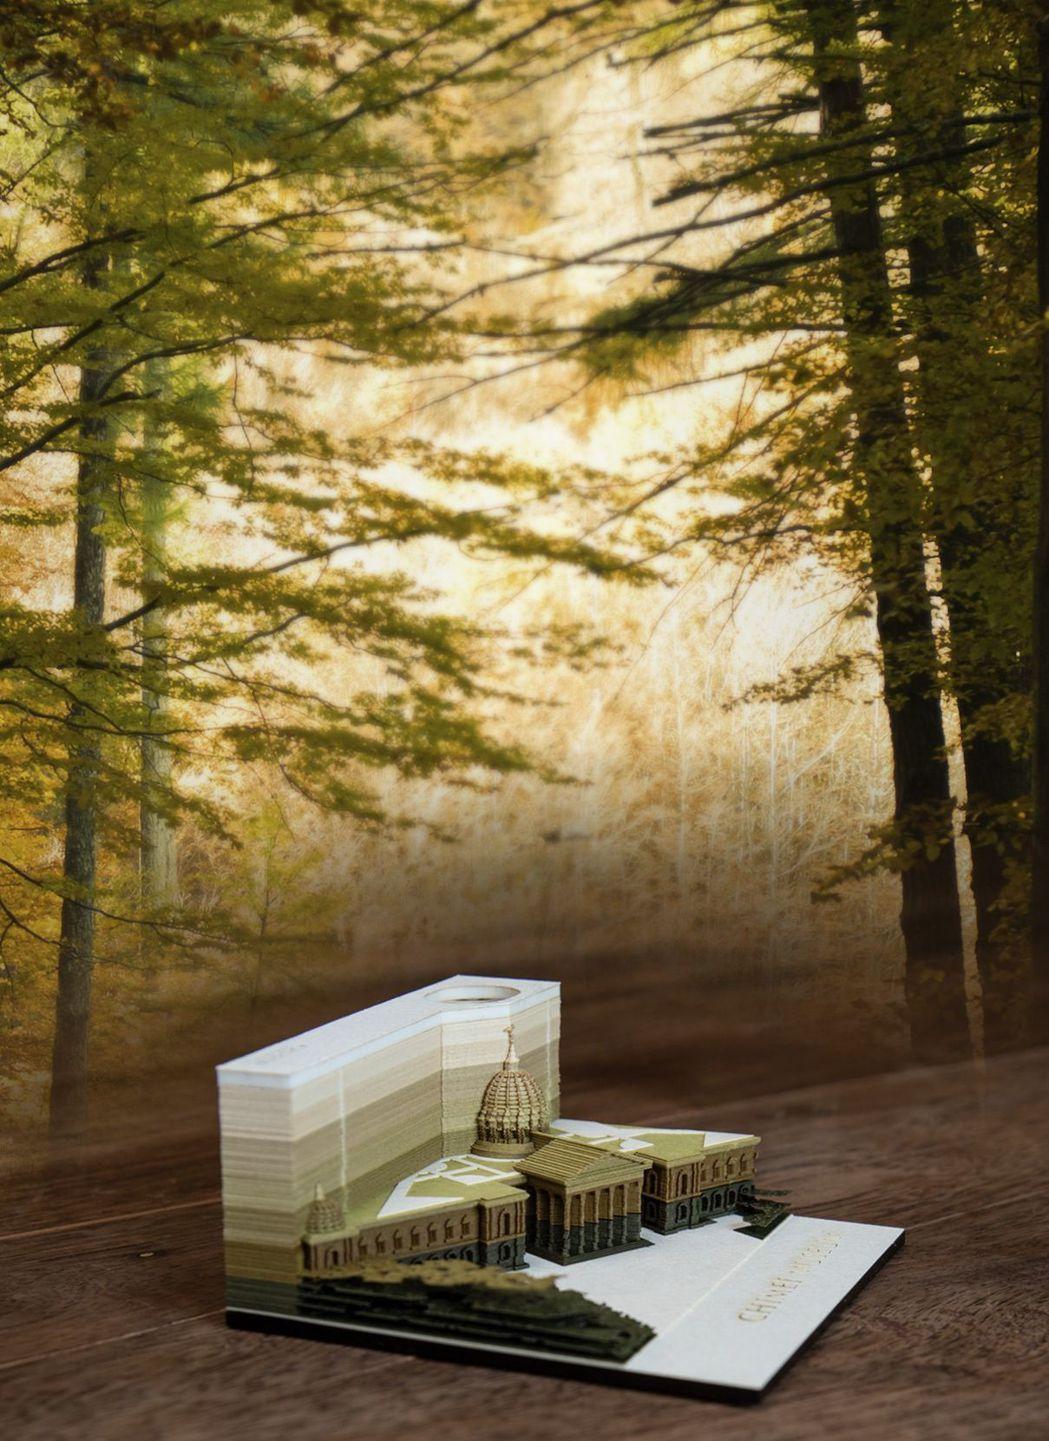 「紙雕模型便條紙-奇美博物館」呈現該館隱身於綠意盎然森林中的雅氣美感。  奇美館...